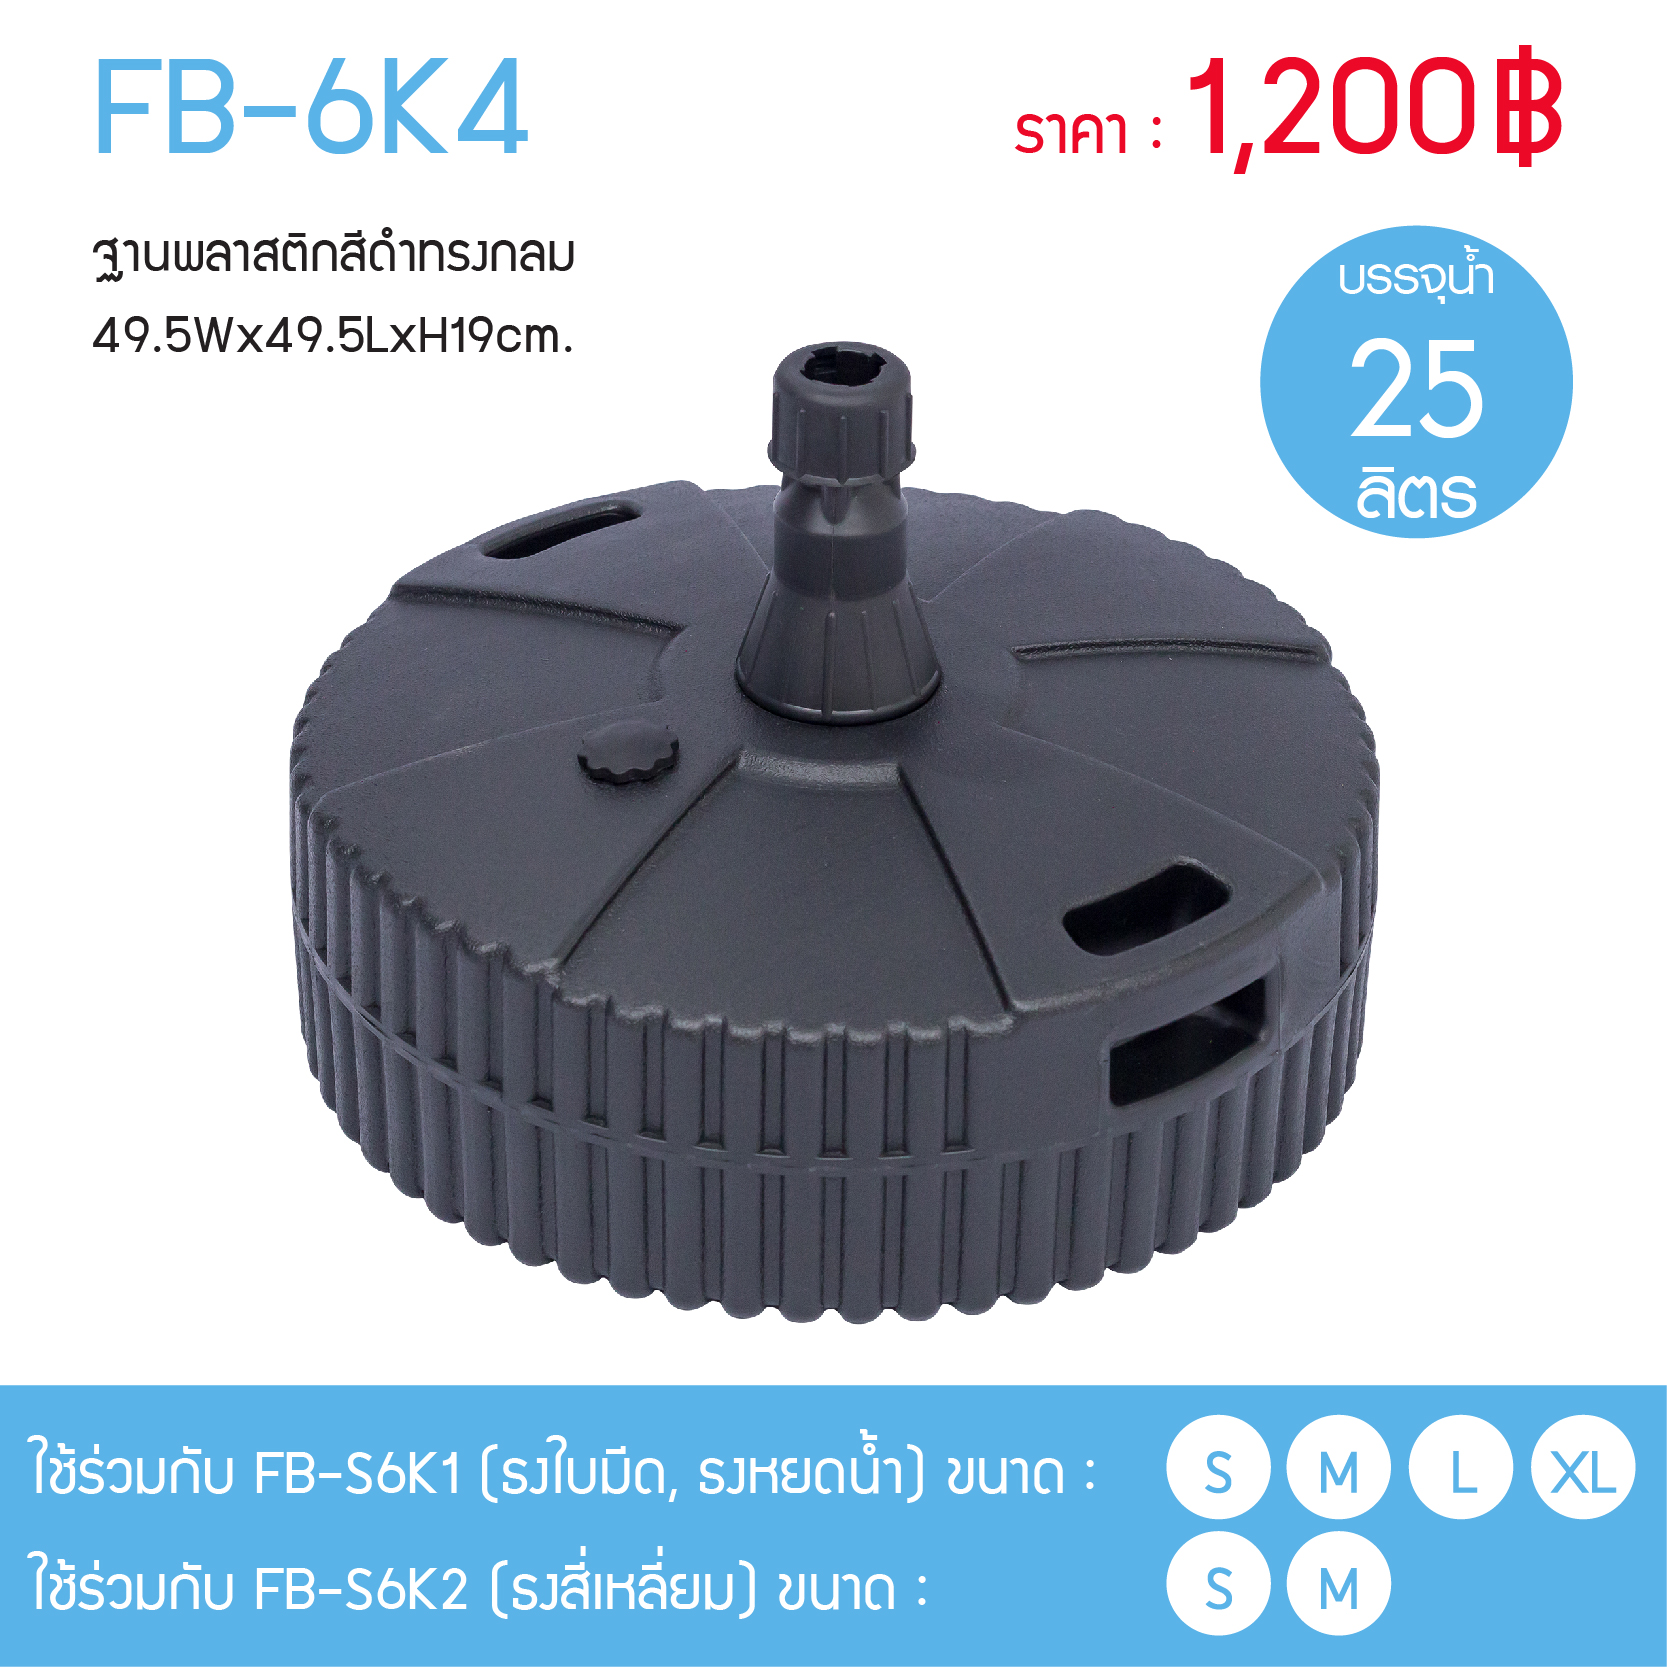 FB-6K4